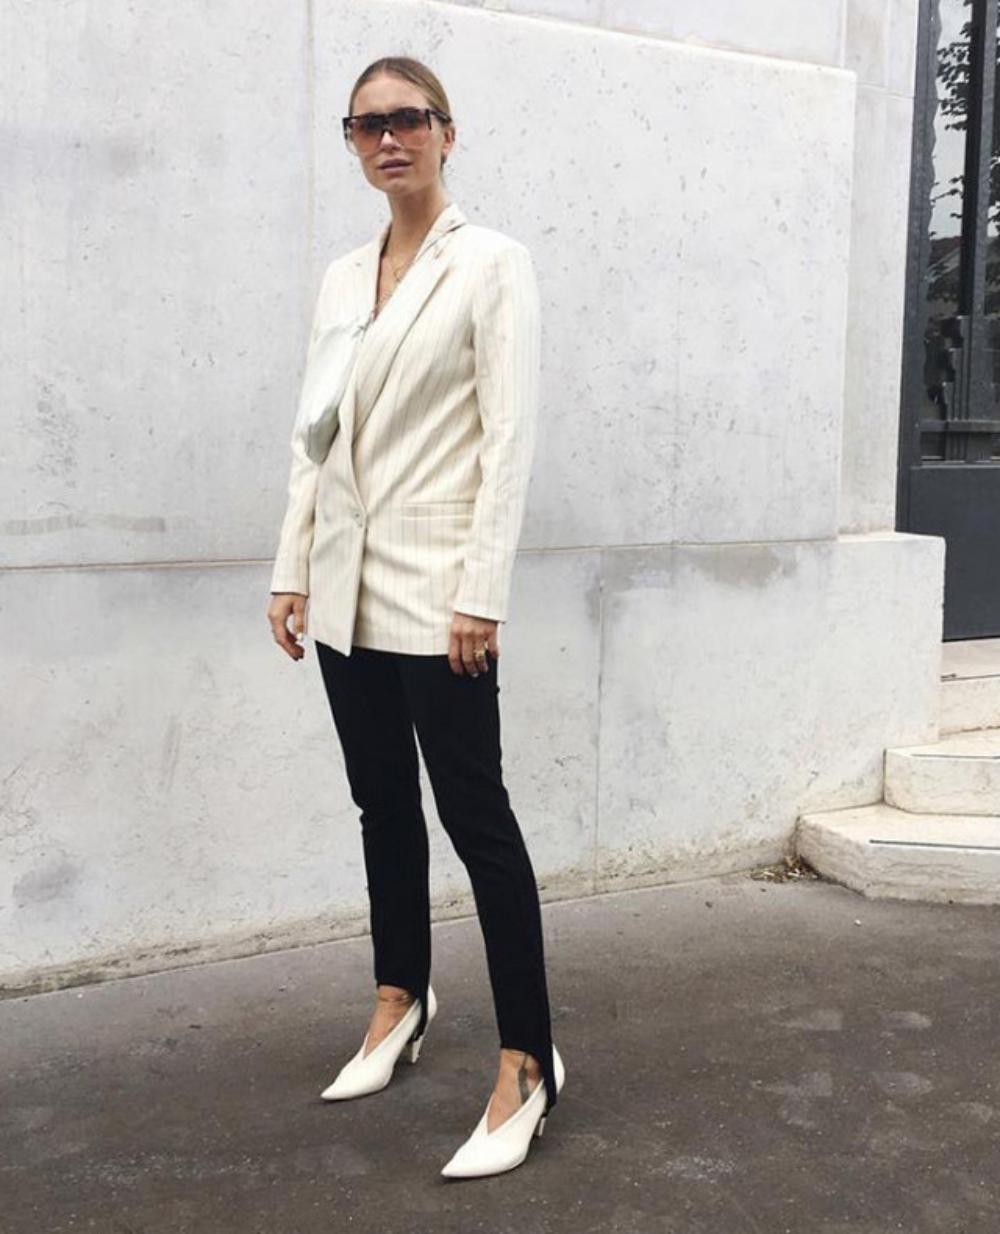 Blazer + Leggings: Auf diese Kombi kann 2017 keine Modefrau verzichten